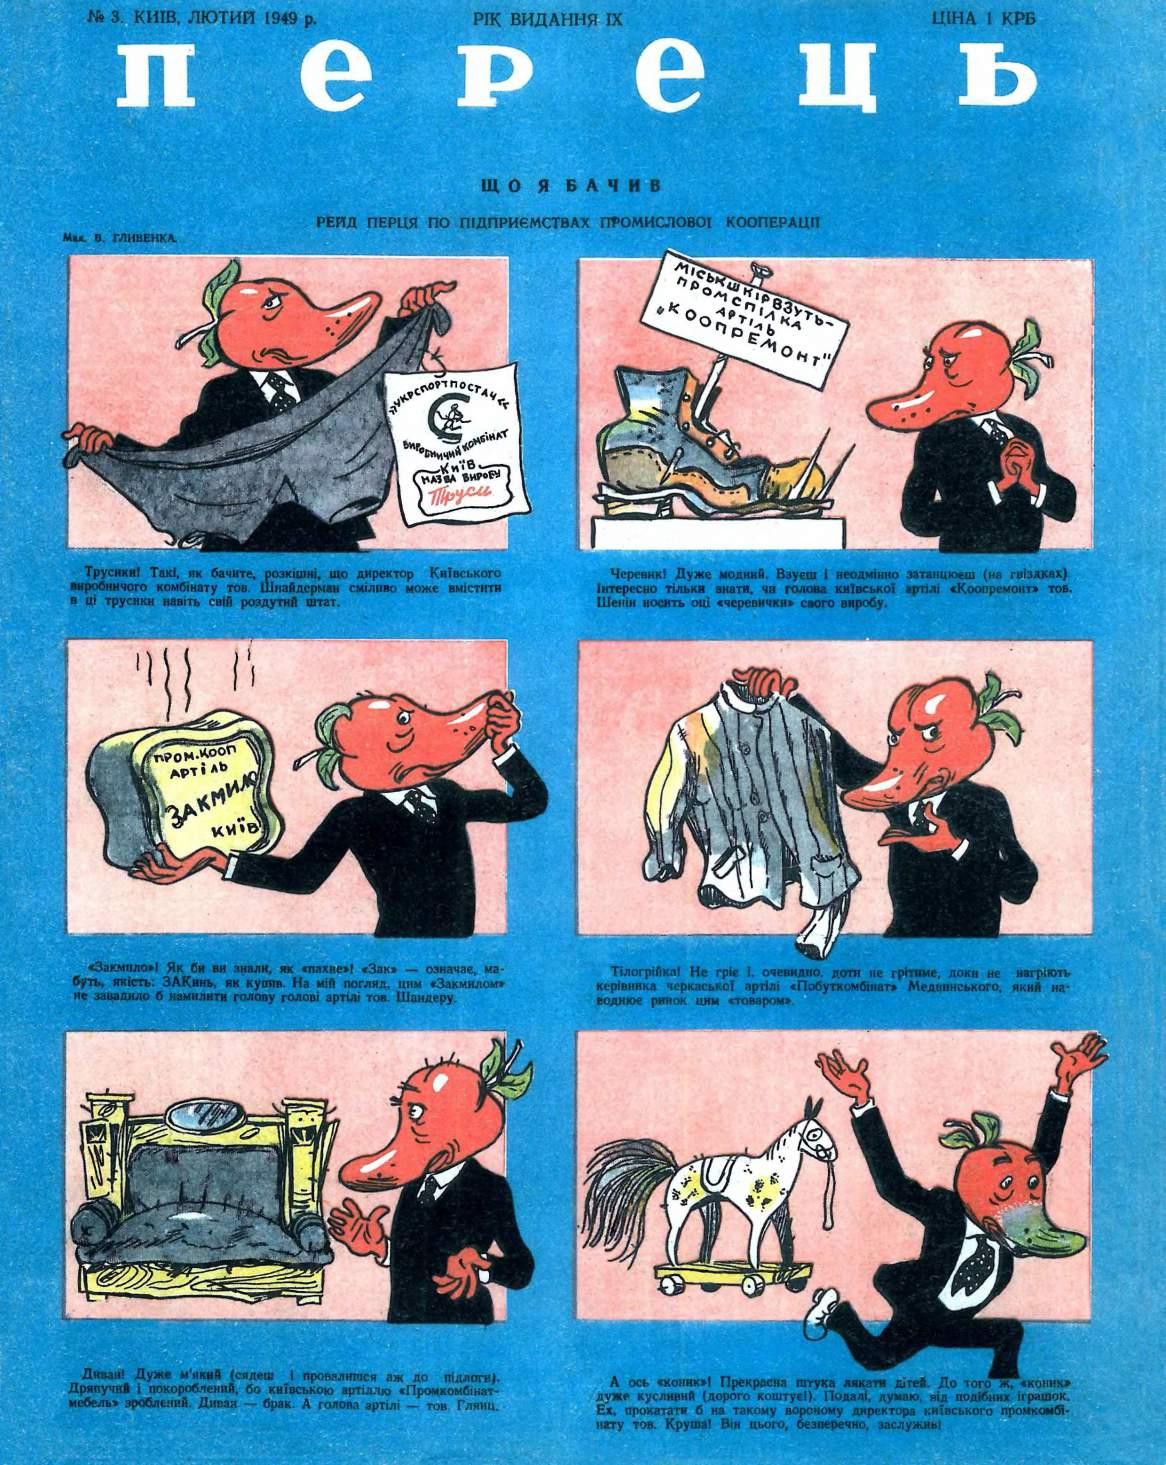 Журнал перець 1949 №03